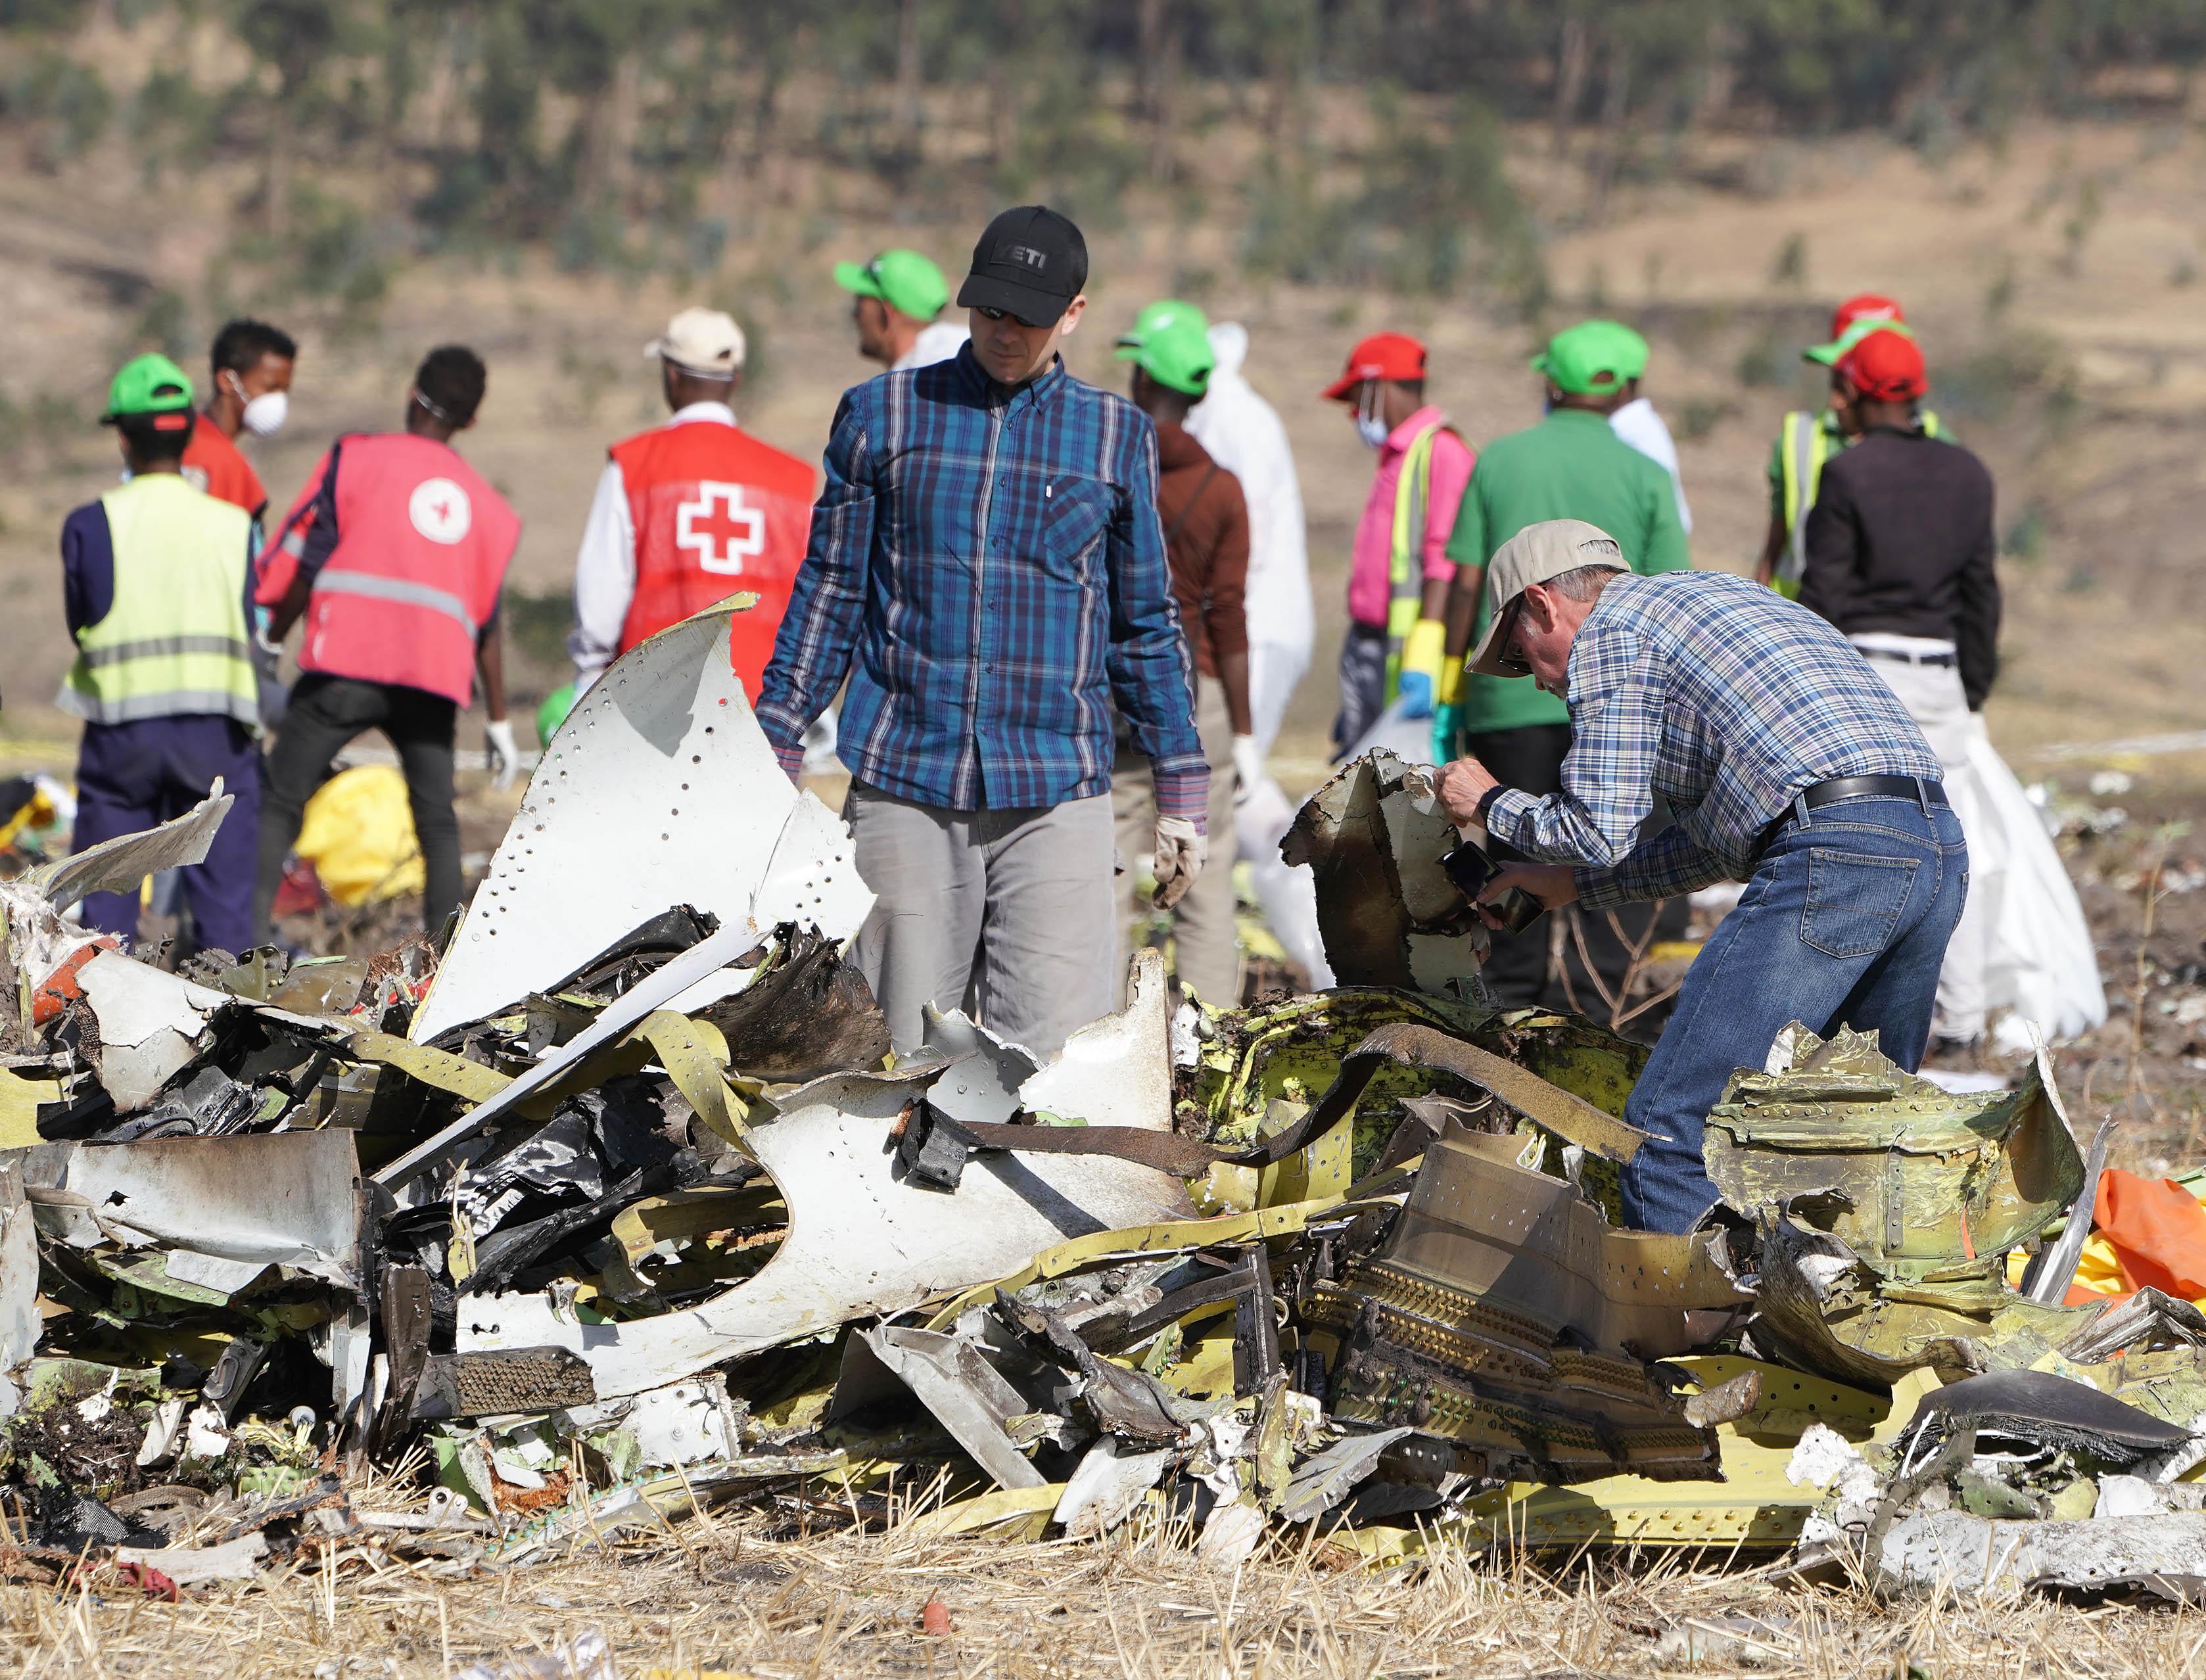 埃塞航空墜亡航班初步調查報告將下周公佈